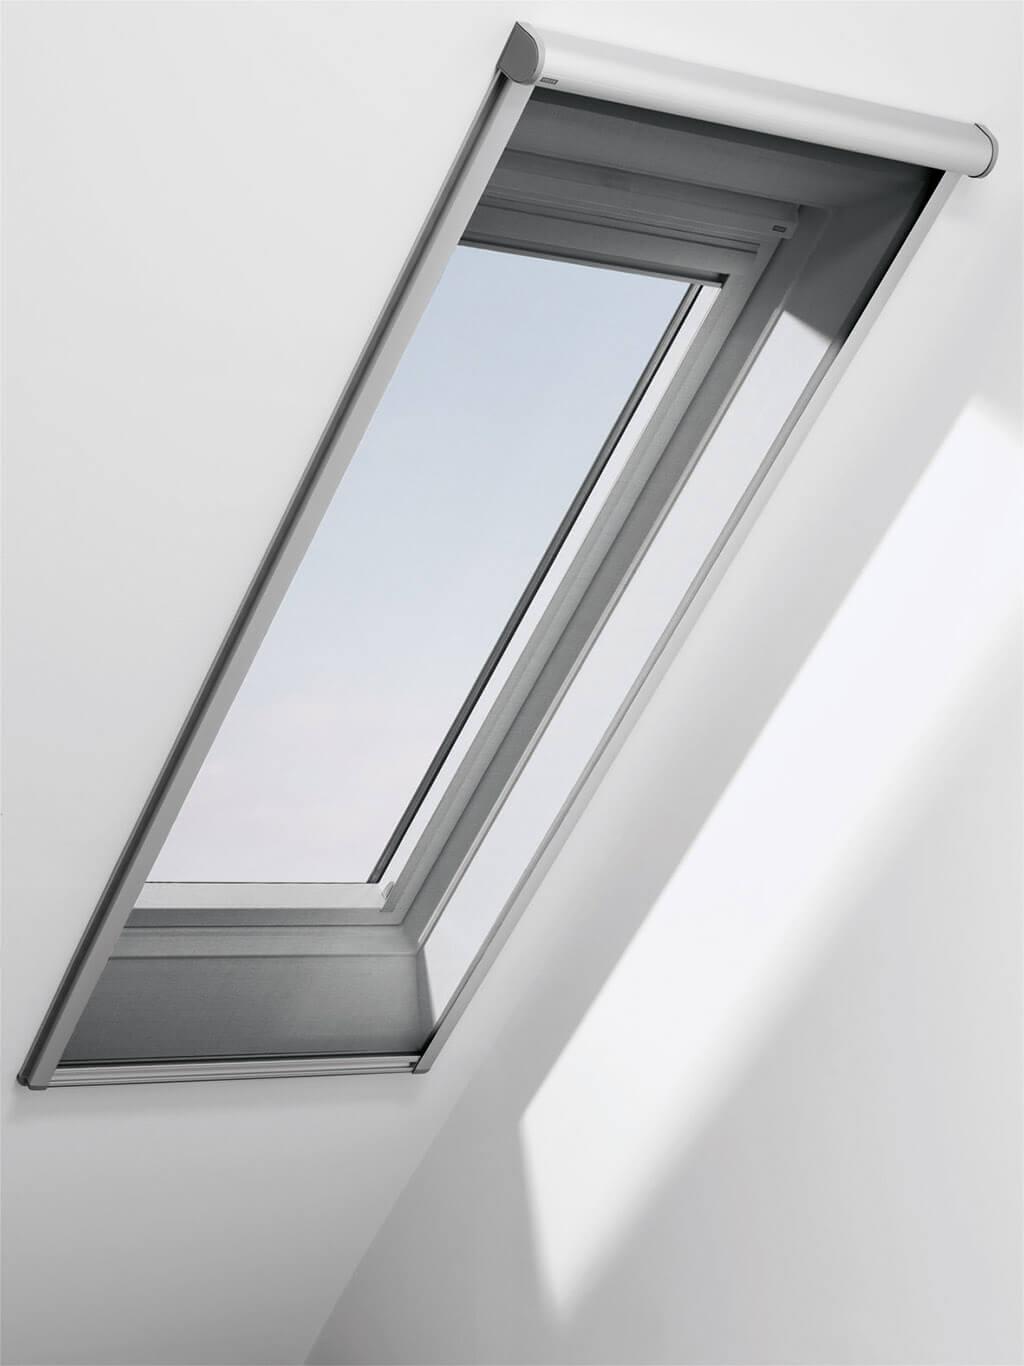 Rollo Velux Markise Hitzeschutz Haltekralle Dachfenster 01